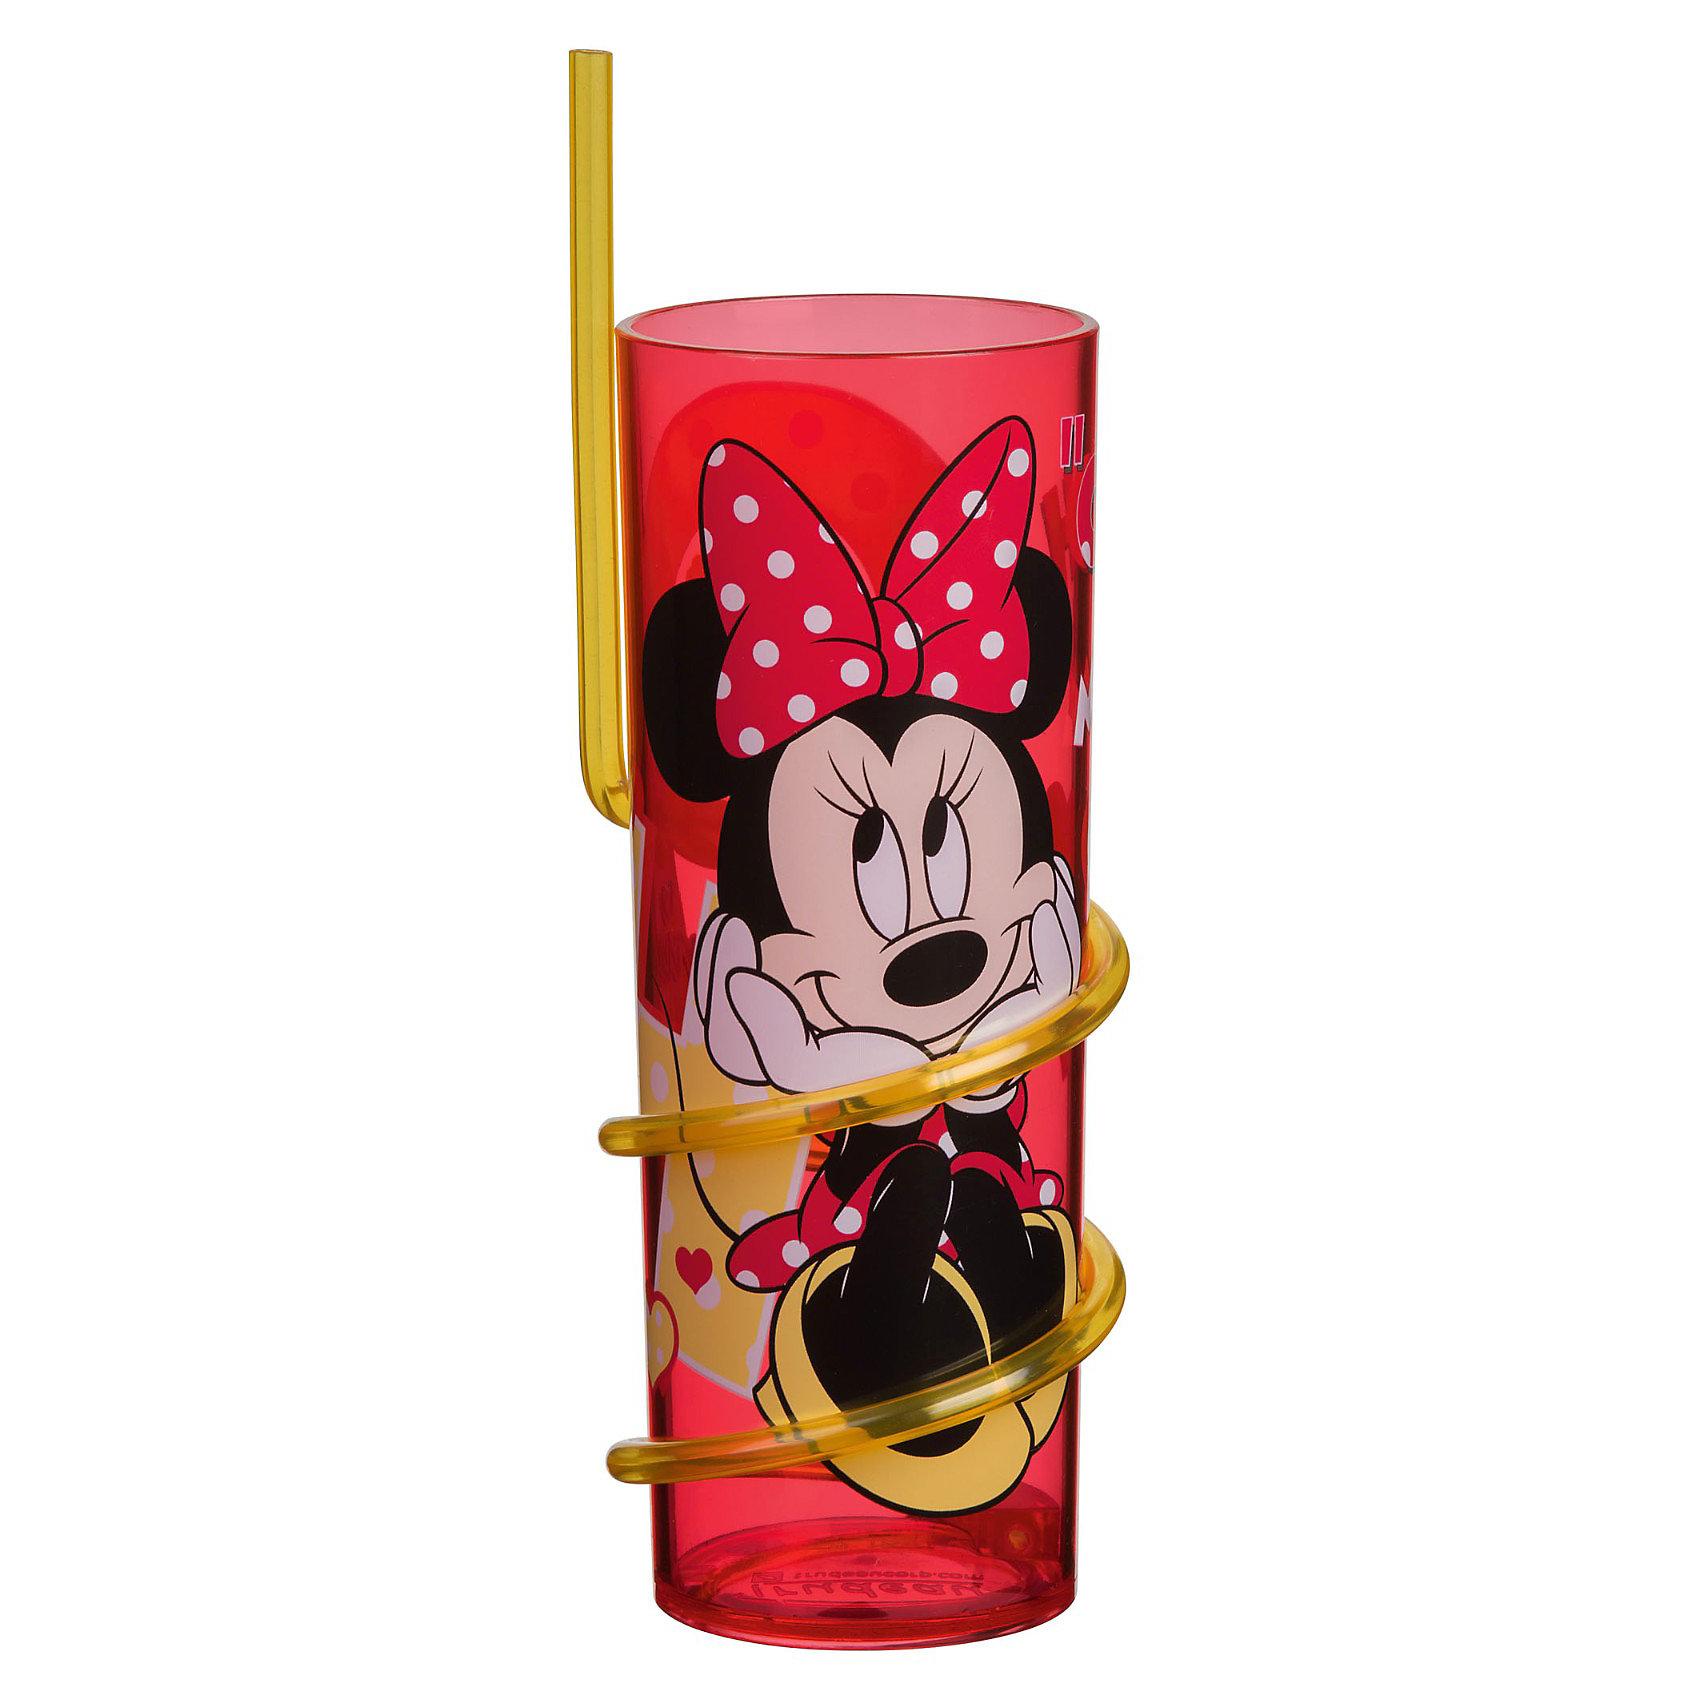 Стакан с витой соломинкой (325 мл), Минни МаусСтакан с витой соломинкой Минни Маус непременно порадует Вашу малышку. Стакан из безопасного пищевого пластика имеет стильный дизайн и украшен изображением популярной героини диснеевских мультфильмов - мышки Минни (Minnie Mouse). <br><br>Дополнительная информация:<br><br>- Материал: пищевой пластик.<br>- Объем: 325 мл.<br>- Размер: 18 х 9,5 х 33 см.<br>- Вес: 50 гр.<br><br>Стакан с витой соломинкой (325 мл), Минни Маус можно купить в нашем интернет-магазине.<br><br>Ширина мм: 65<br>Глубина мм: 65<br>Высота мм: 205<br>Вес г: 86<br>Возраст от месяцев: 36<br>Возраст до месяцев: 120<br>Пол: Женский<br>Возраст: Детский<br>SKU: 3681252